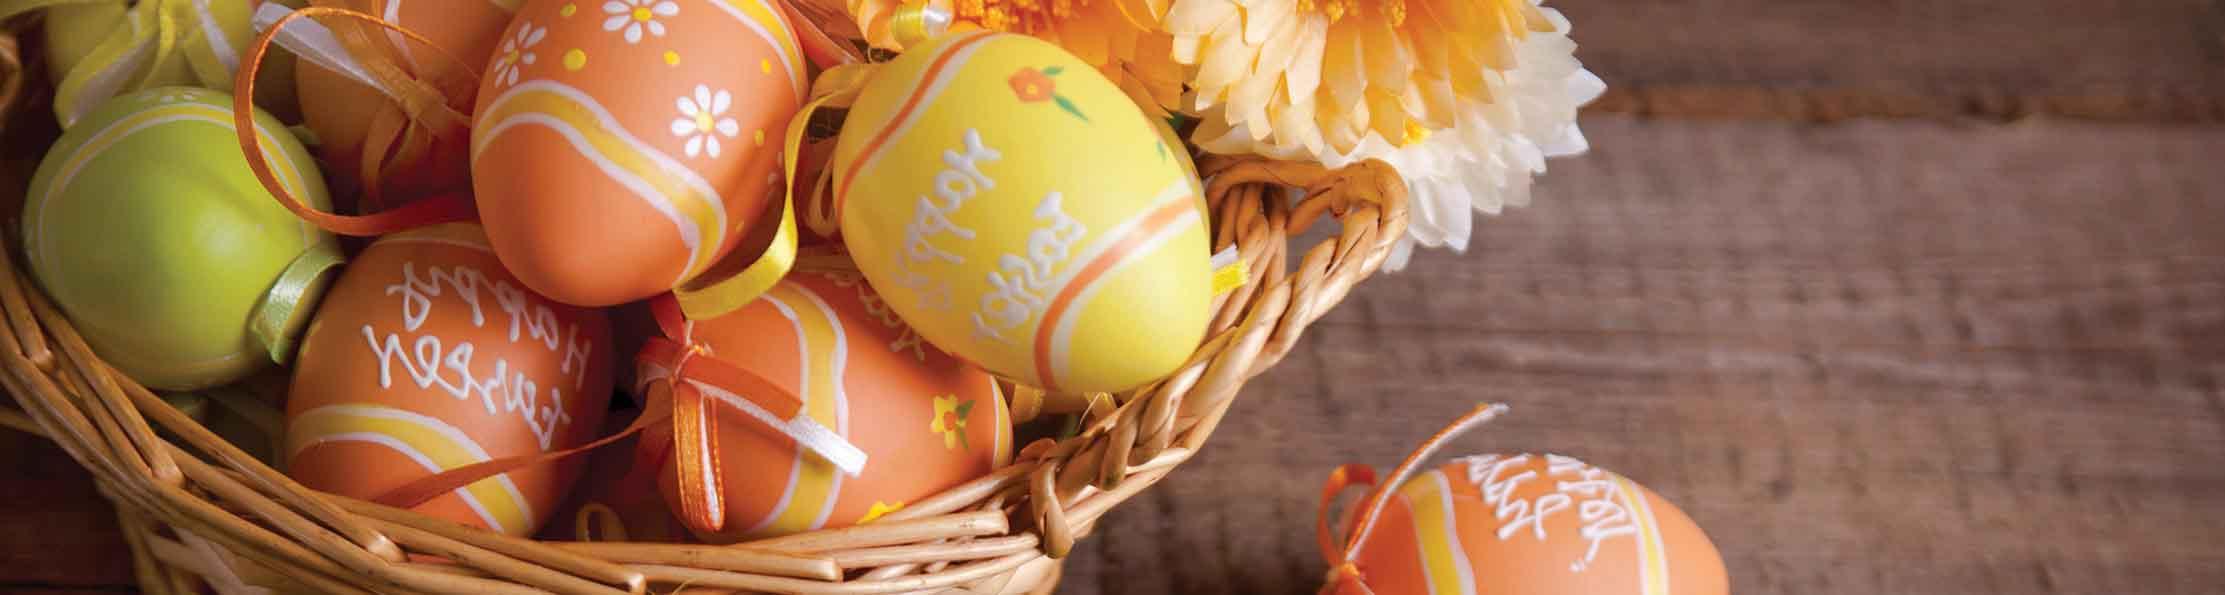 Easter Brunch at Grey Rock